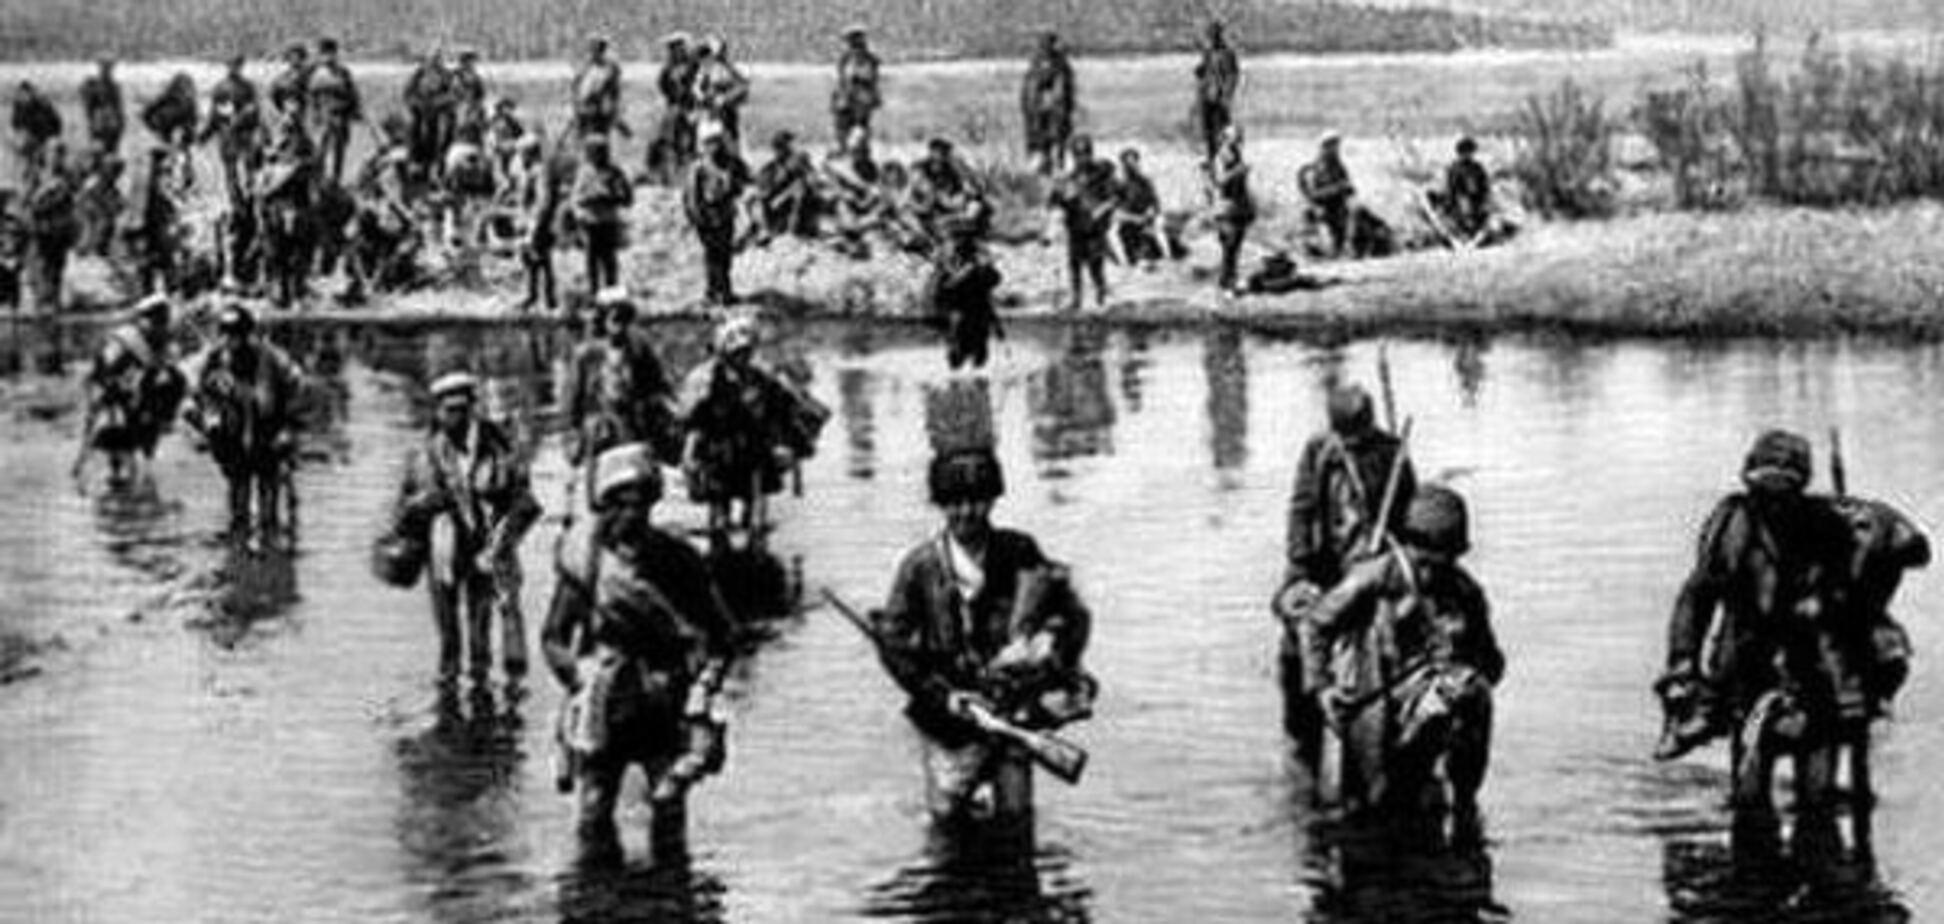 Повстанський рух на Луганщині 1921-1923 рр. Провокативні методи та спецзагони ВЧК